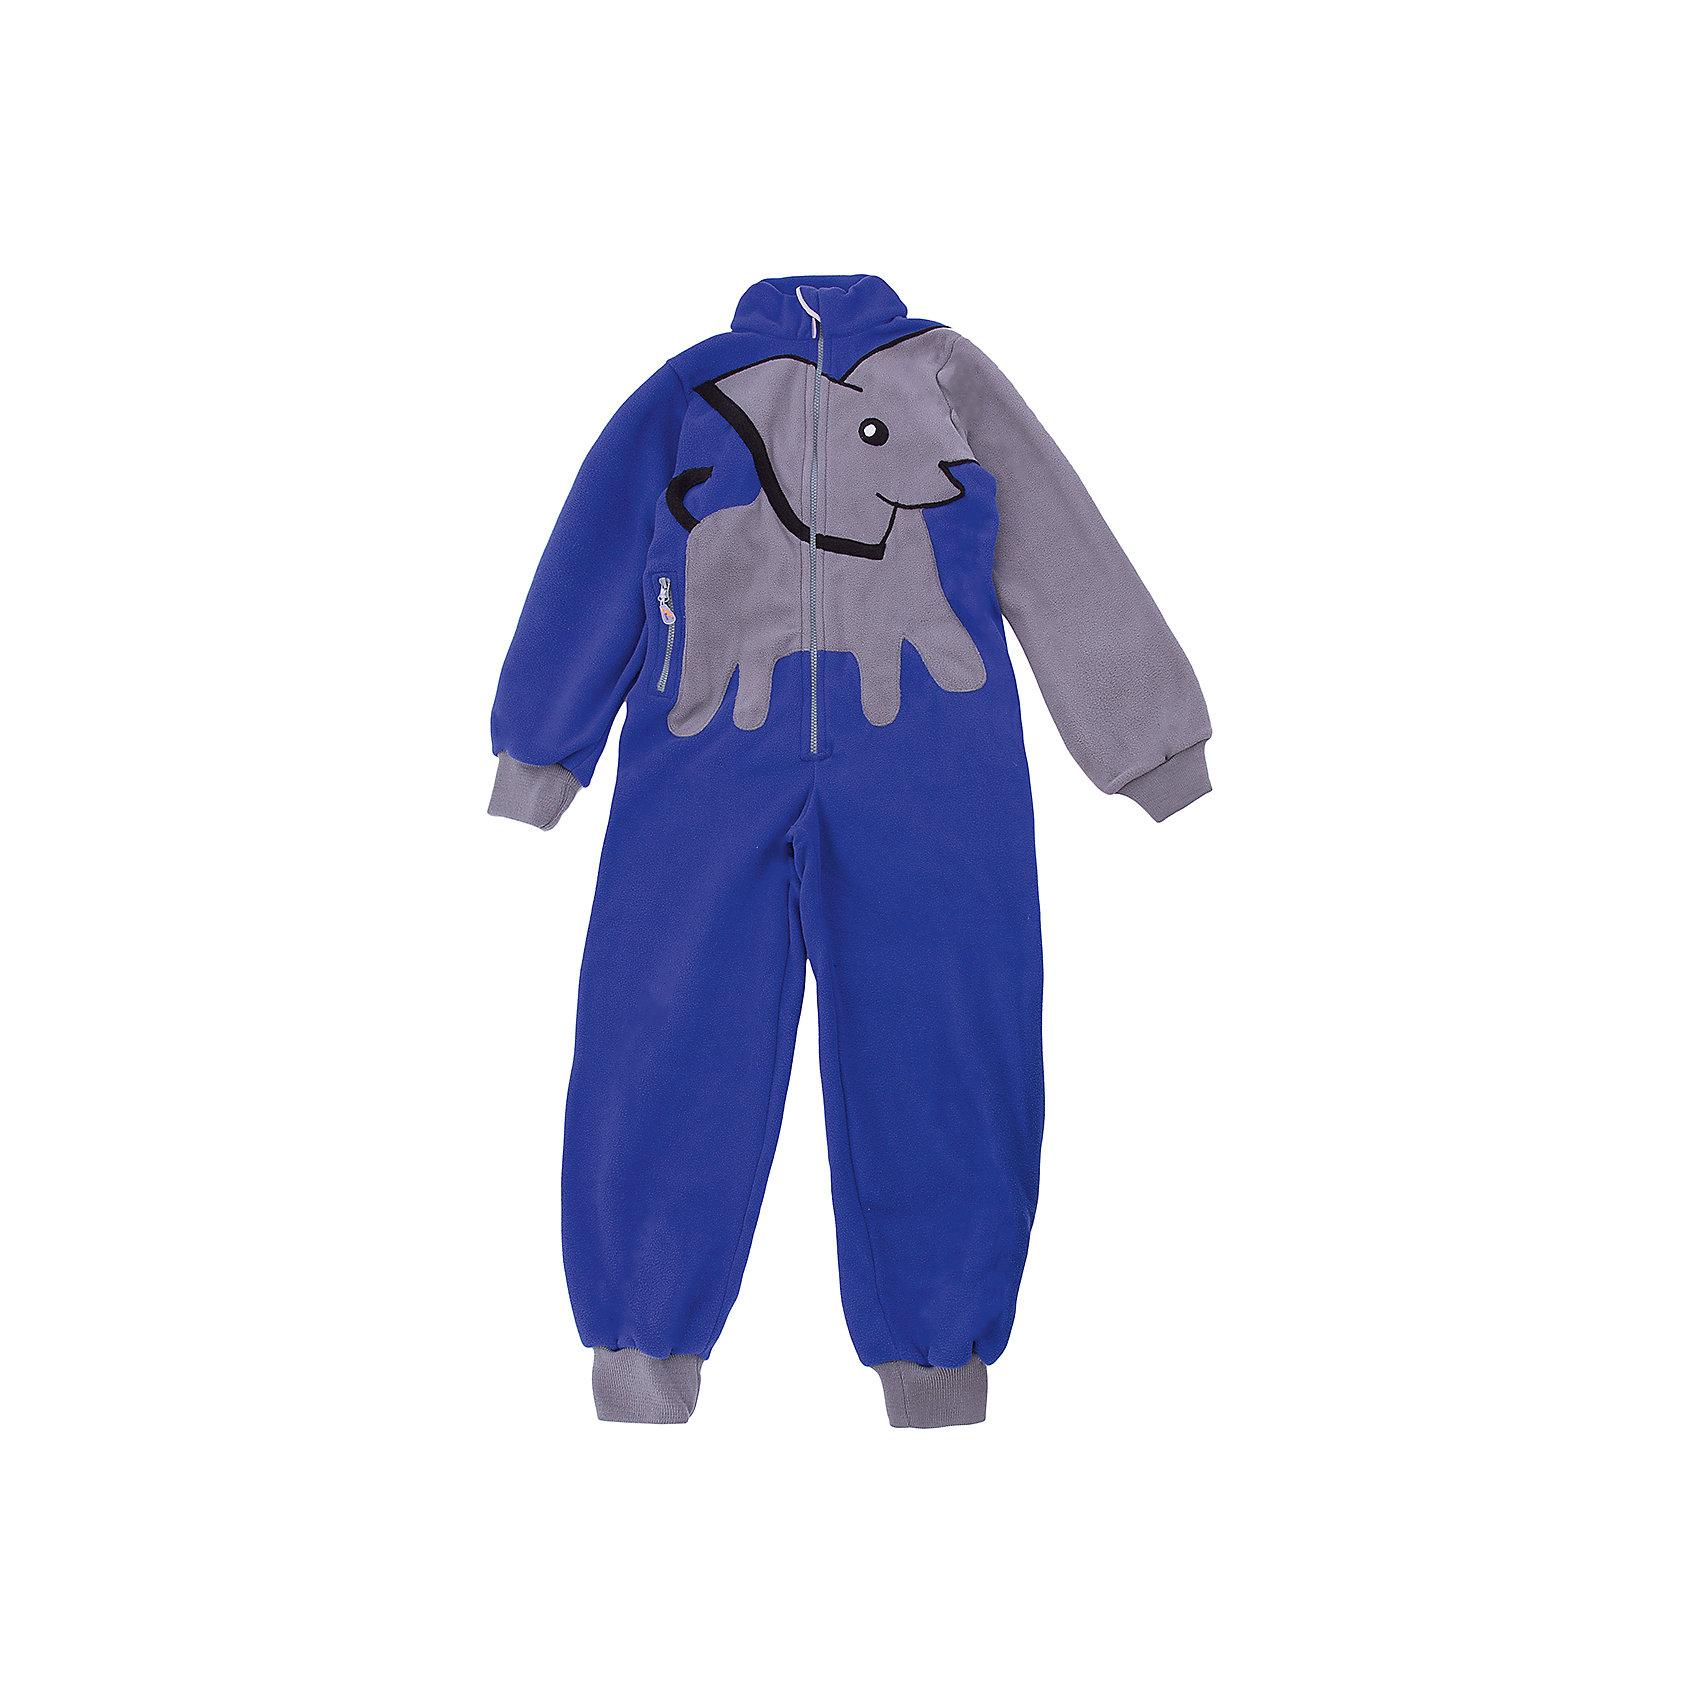 Комбинезон Слон ЛисФлис для мальчикаФлис и термобелье<br>Характеристики товара:<br><br>• цвет: синий;<br>• состав: 100% полиэстер, флис (280 гр);<br>• сезон: зима ;<br>• застежка: молния;<br>• защита подбородка от защемления;<br>• эластичные манжеты на рукавах и брючинах;<br>• резинка на спине для лучшей посадки;<br>• страна бренда: Россия;<br>• страна производства: Россия.<br><br>Флисовый комбинезон на молнии для мальчика. Изделие можно одевать как поддеву (дополнительный утепляющий слой) под мембранную одежду при минусовой температуре. А как самостоятельный элемент одежды (верхний слой) от +10 градусов. Прочная молния комбинезона расстегивается и застегивается одним движением руки. <br><br>Комбинезон Слон ЛисФлис для мальчика можно купить в нашем интернет-магазине.<br><br>Ширина мм: 356<br>Глубина мм: 10<br>Высота мм: 245<br>Вес г: 519<br>Цвет: синий<br>Возраст от месяцев: 36<br>Возраст до месяцев: 48<br>Пол: Мужской<br>Возраст: Детский<br>Размер: 104,146,80,86,92,98,110,116,122,128,134,140<br>SKU: 7050211